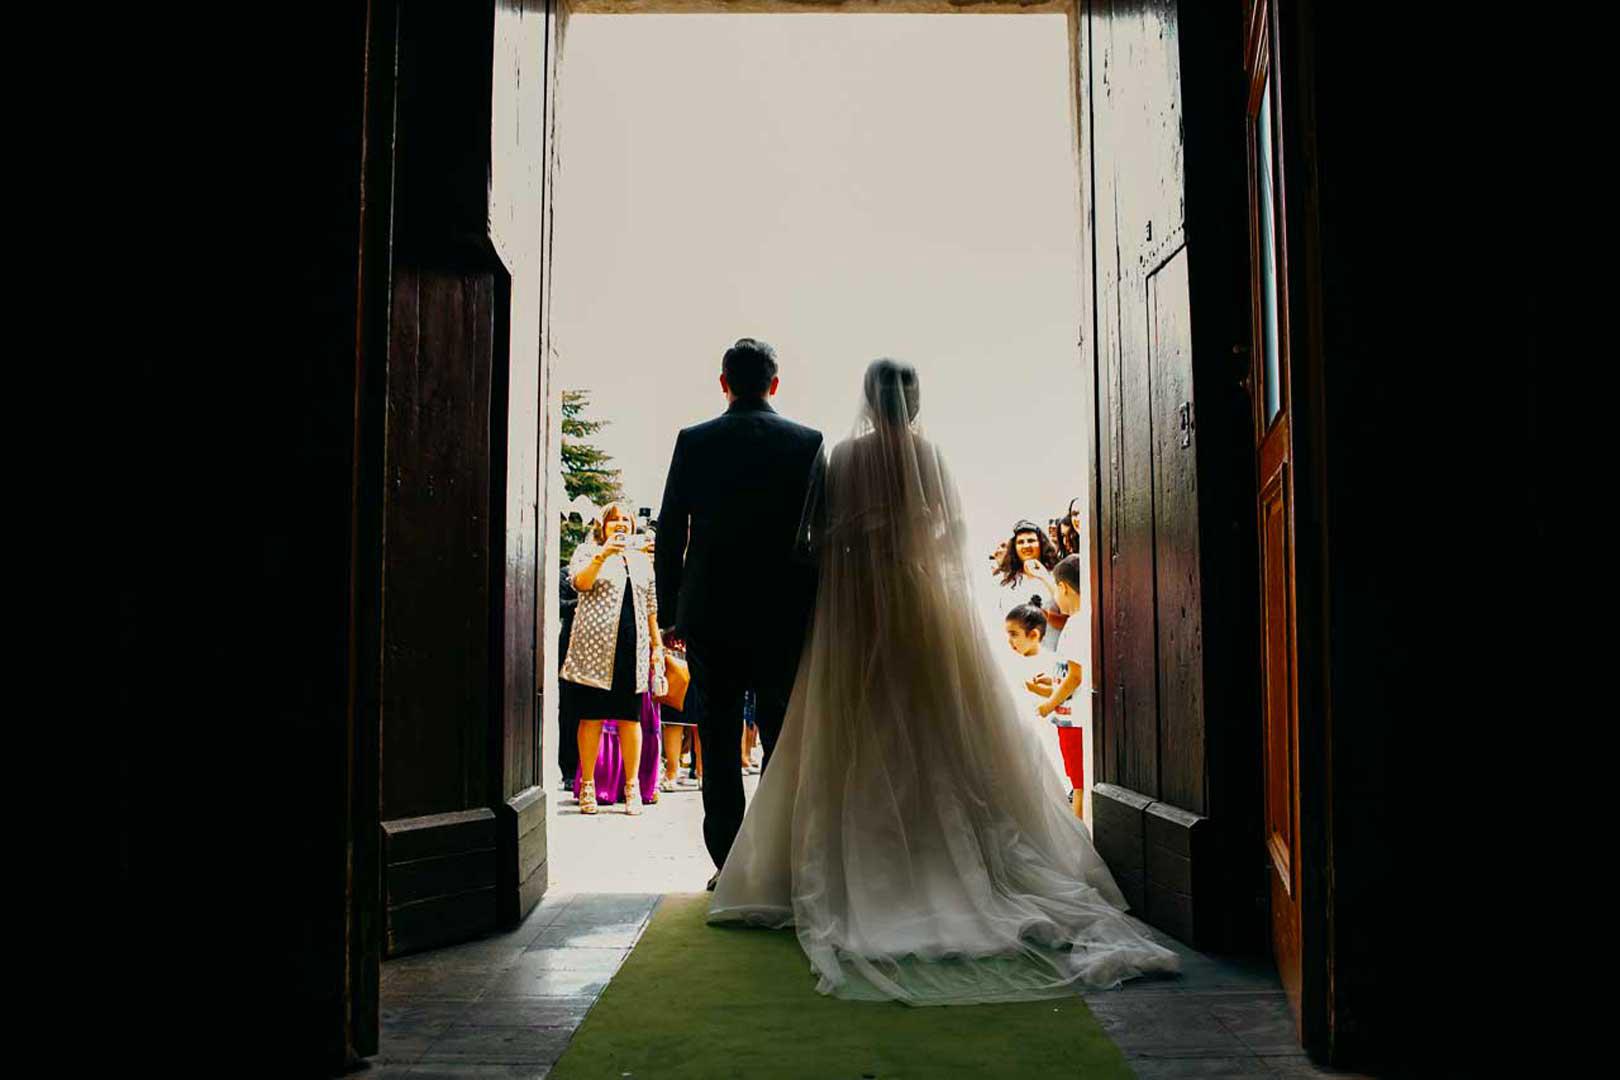 019-matrimonio-gianni-lepore-fotografo-lucera